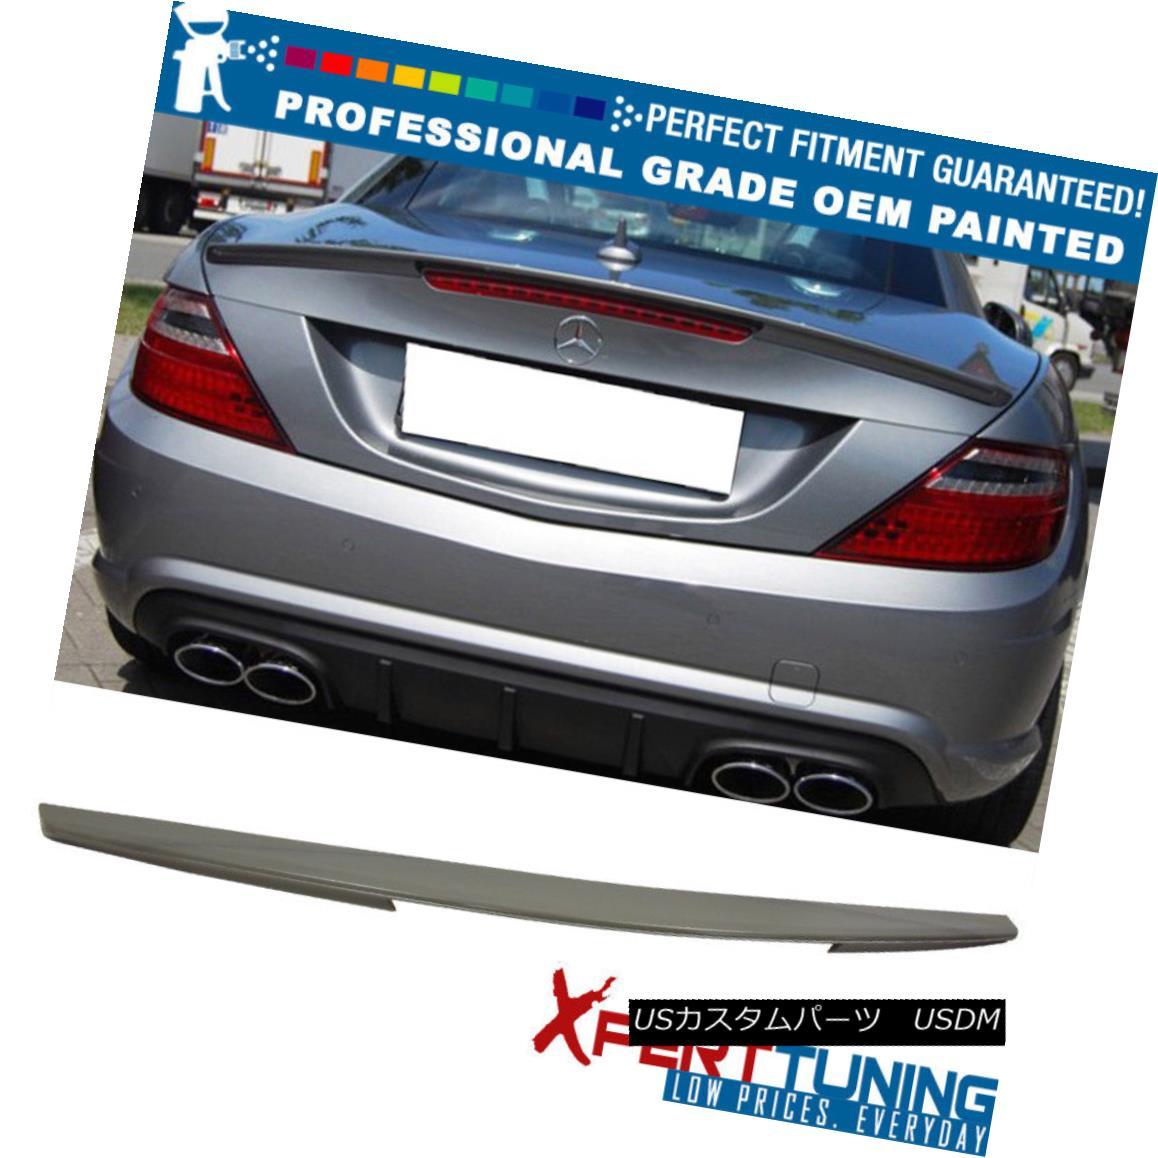 エアロパーツ Fits 11-15 SLK R172 AMG Style Painted ABS Trunk Spoiler - OEM Painted Color 11-15 SLK R172 AMGスタイル塗装ABSトランク・スポイラー - OEM塗装カラーに適合